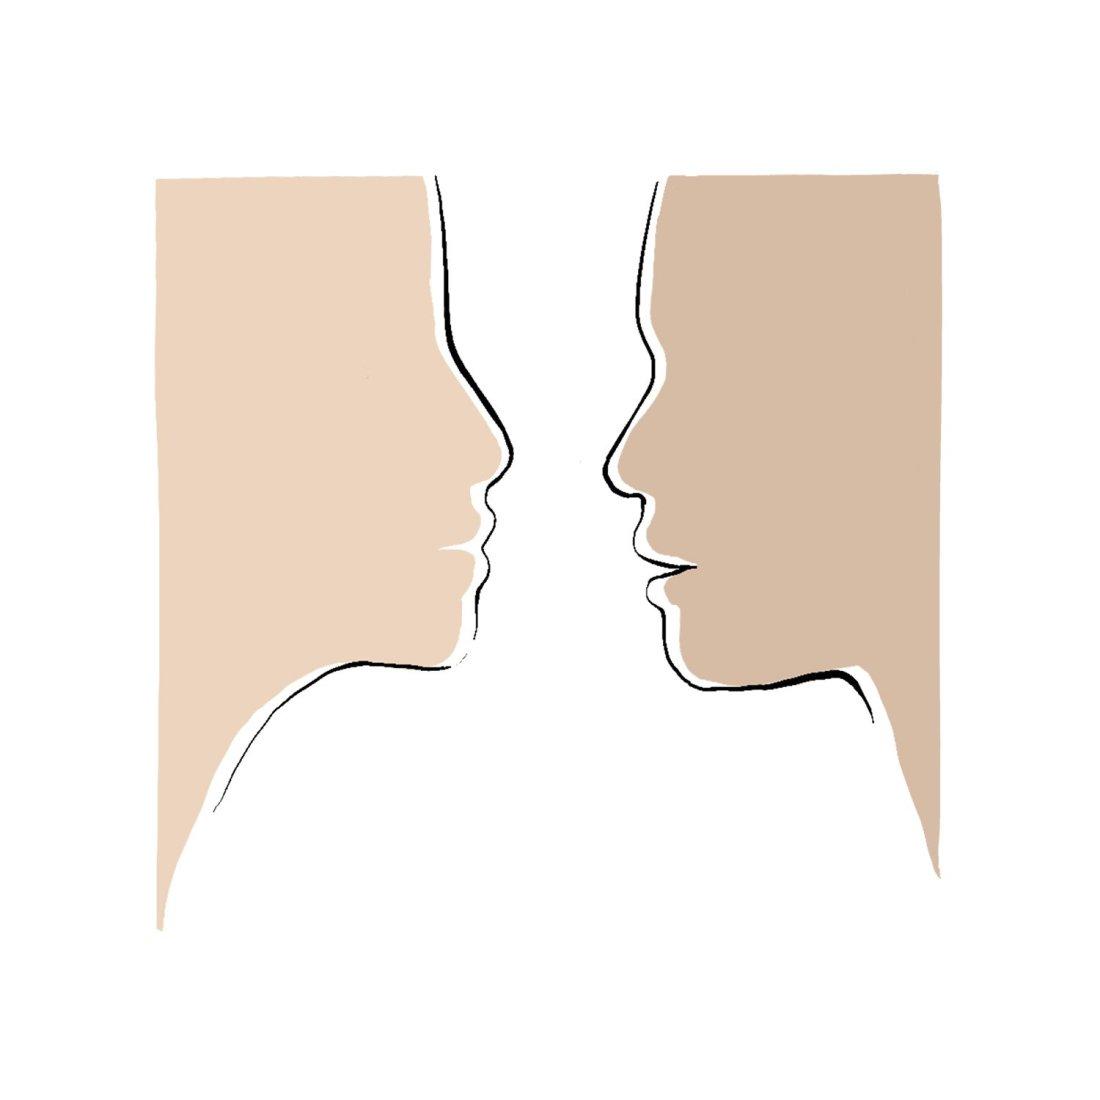 Begegnung Gesichter menschliche Begegnung